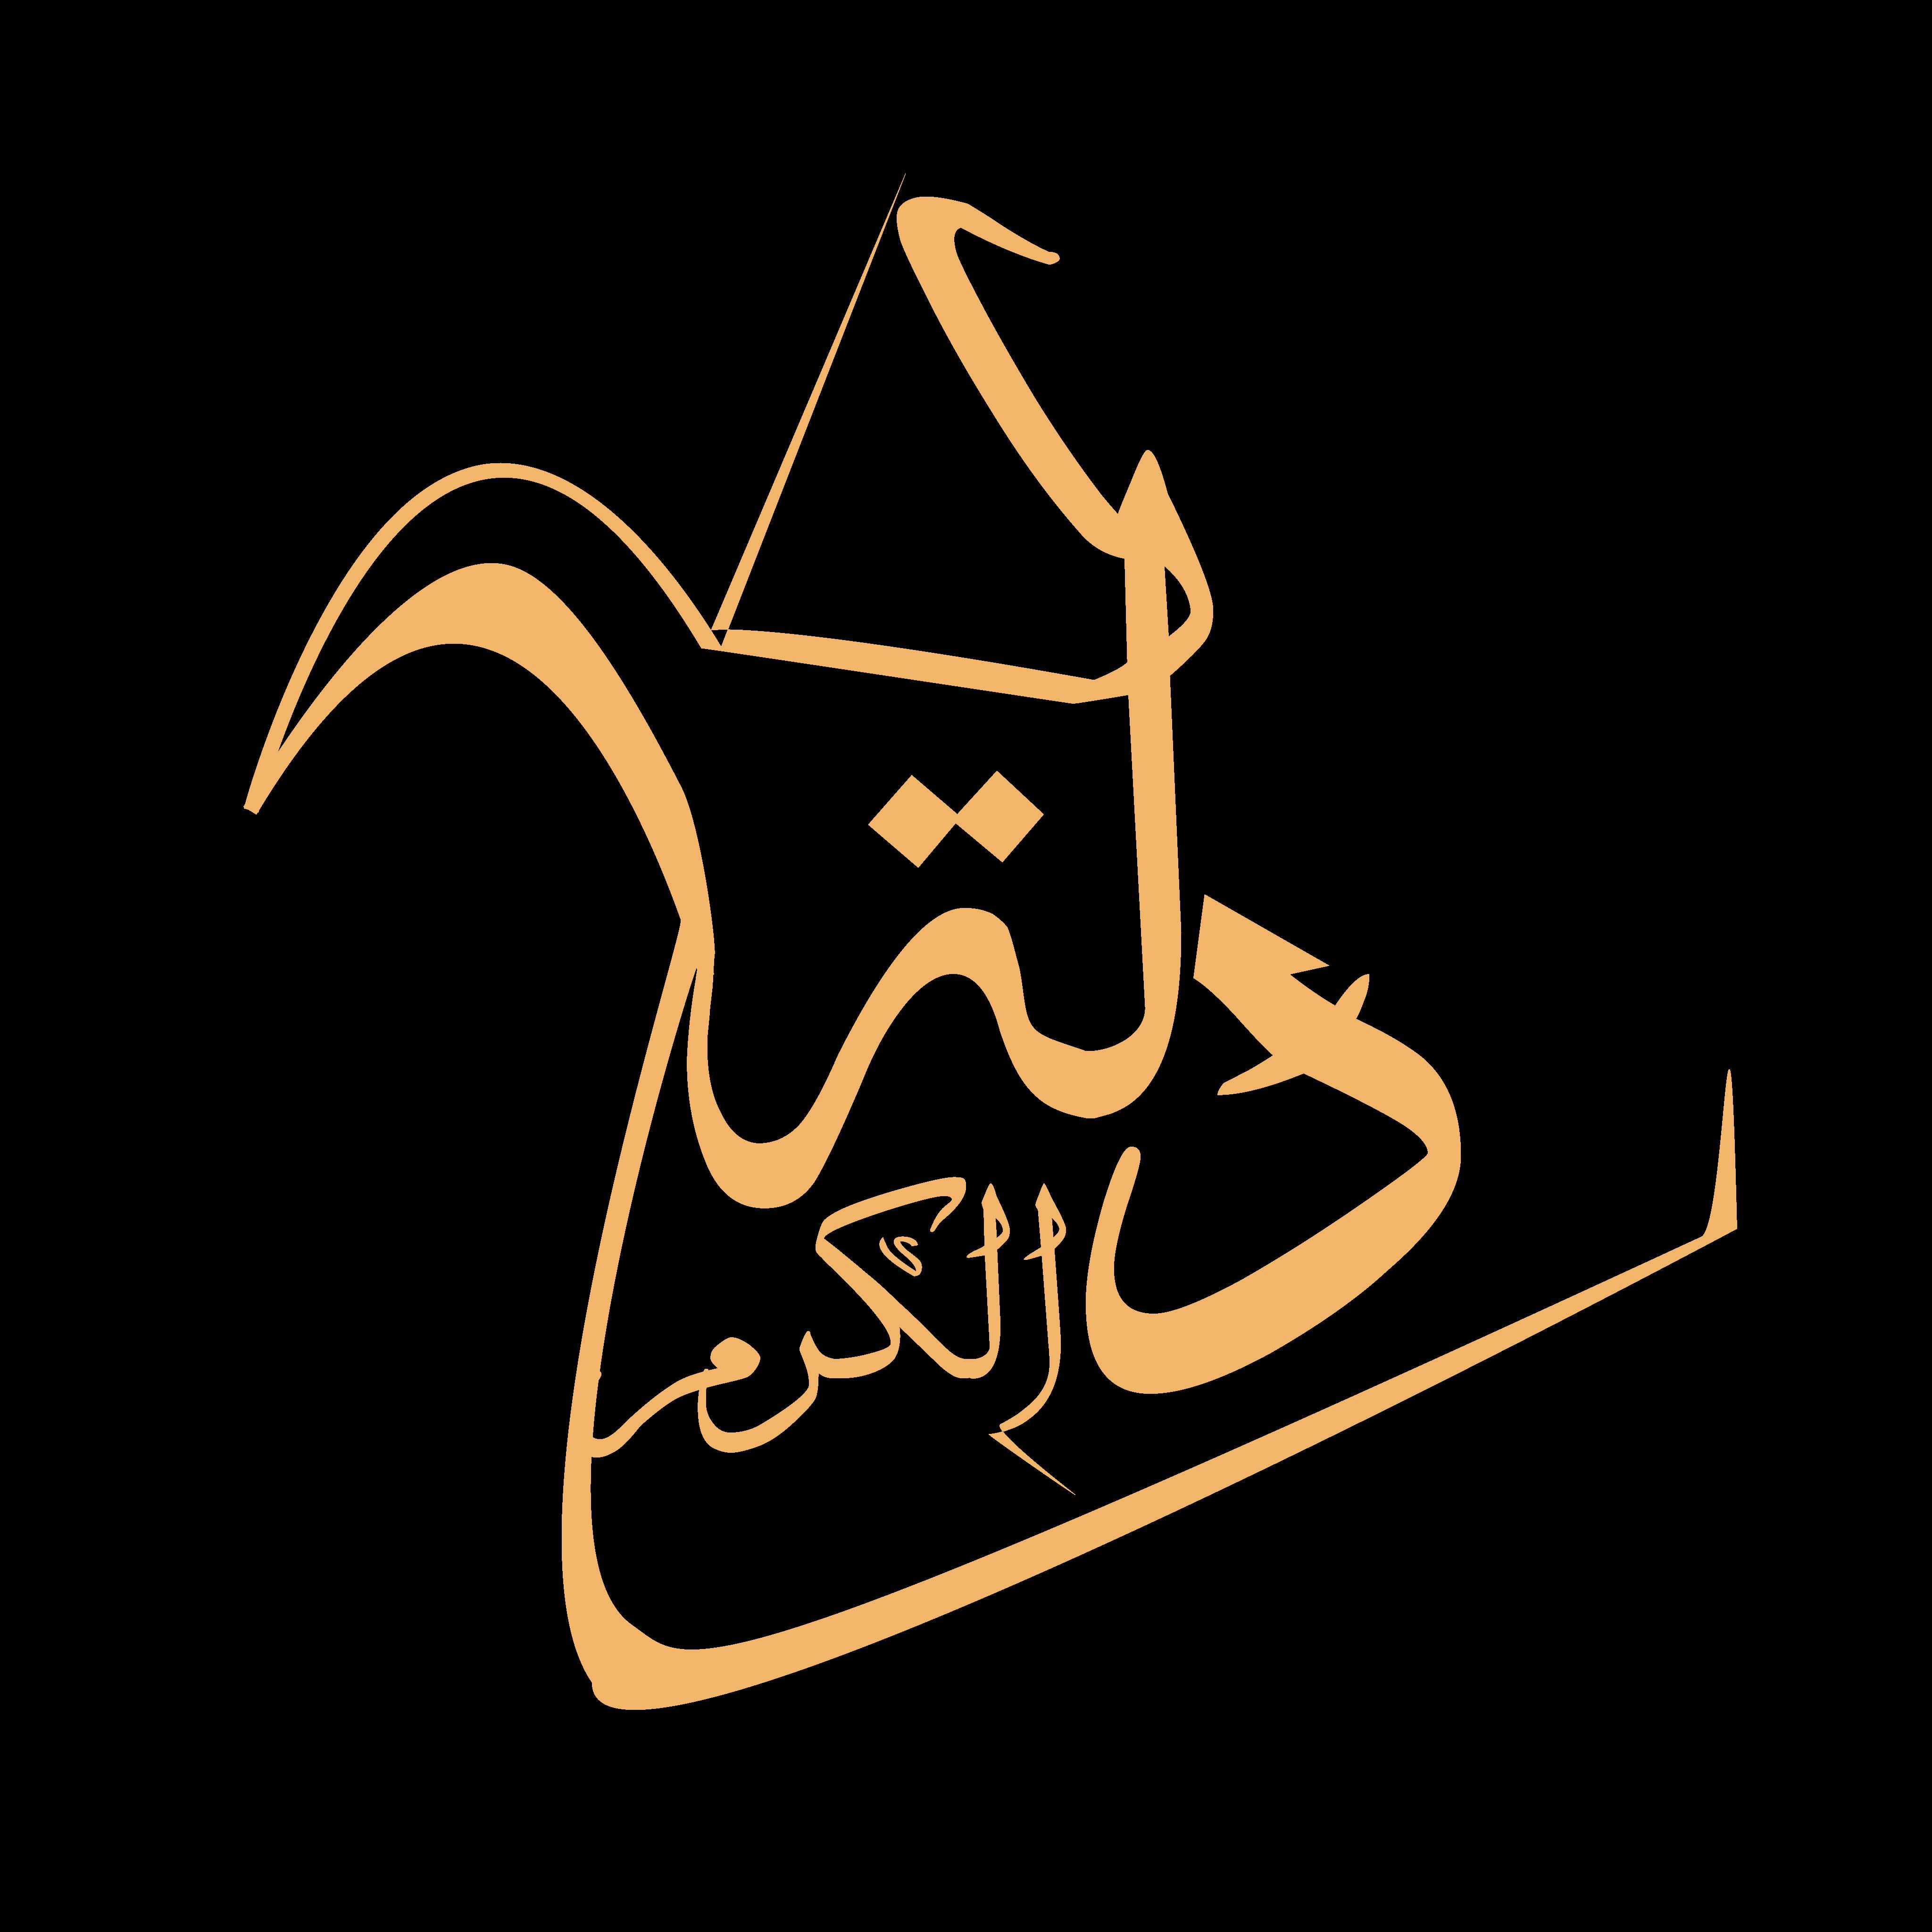 تصميم شعار لمتجر قهوة عربية مع اعلان بسيط مستقل